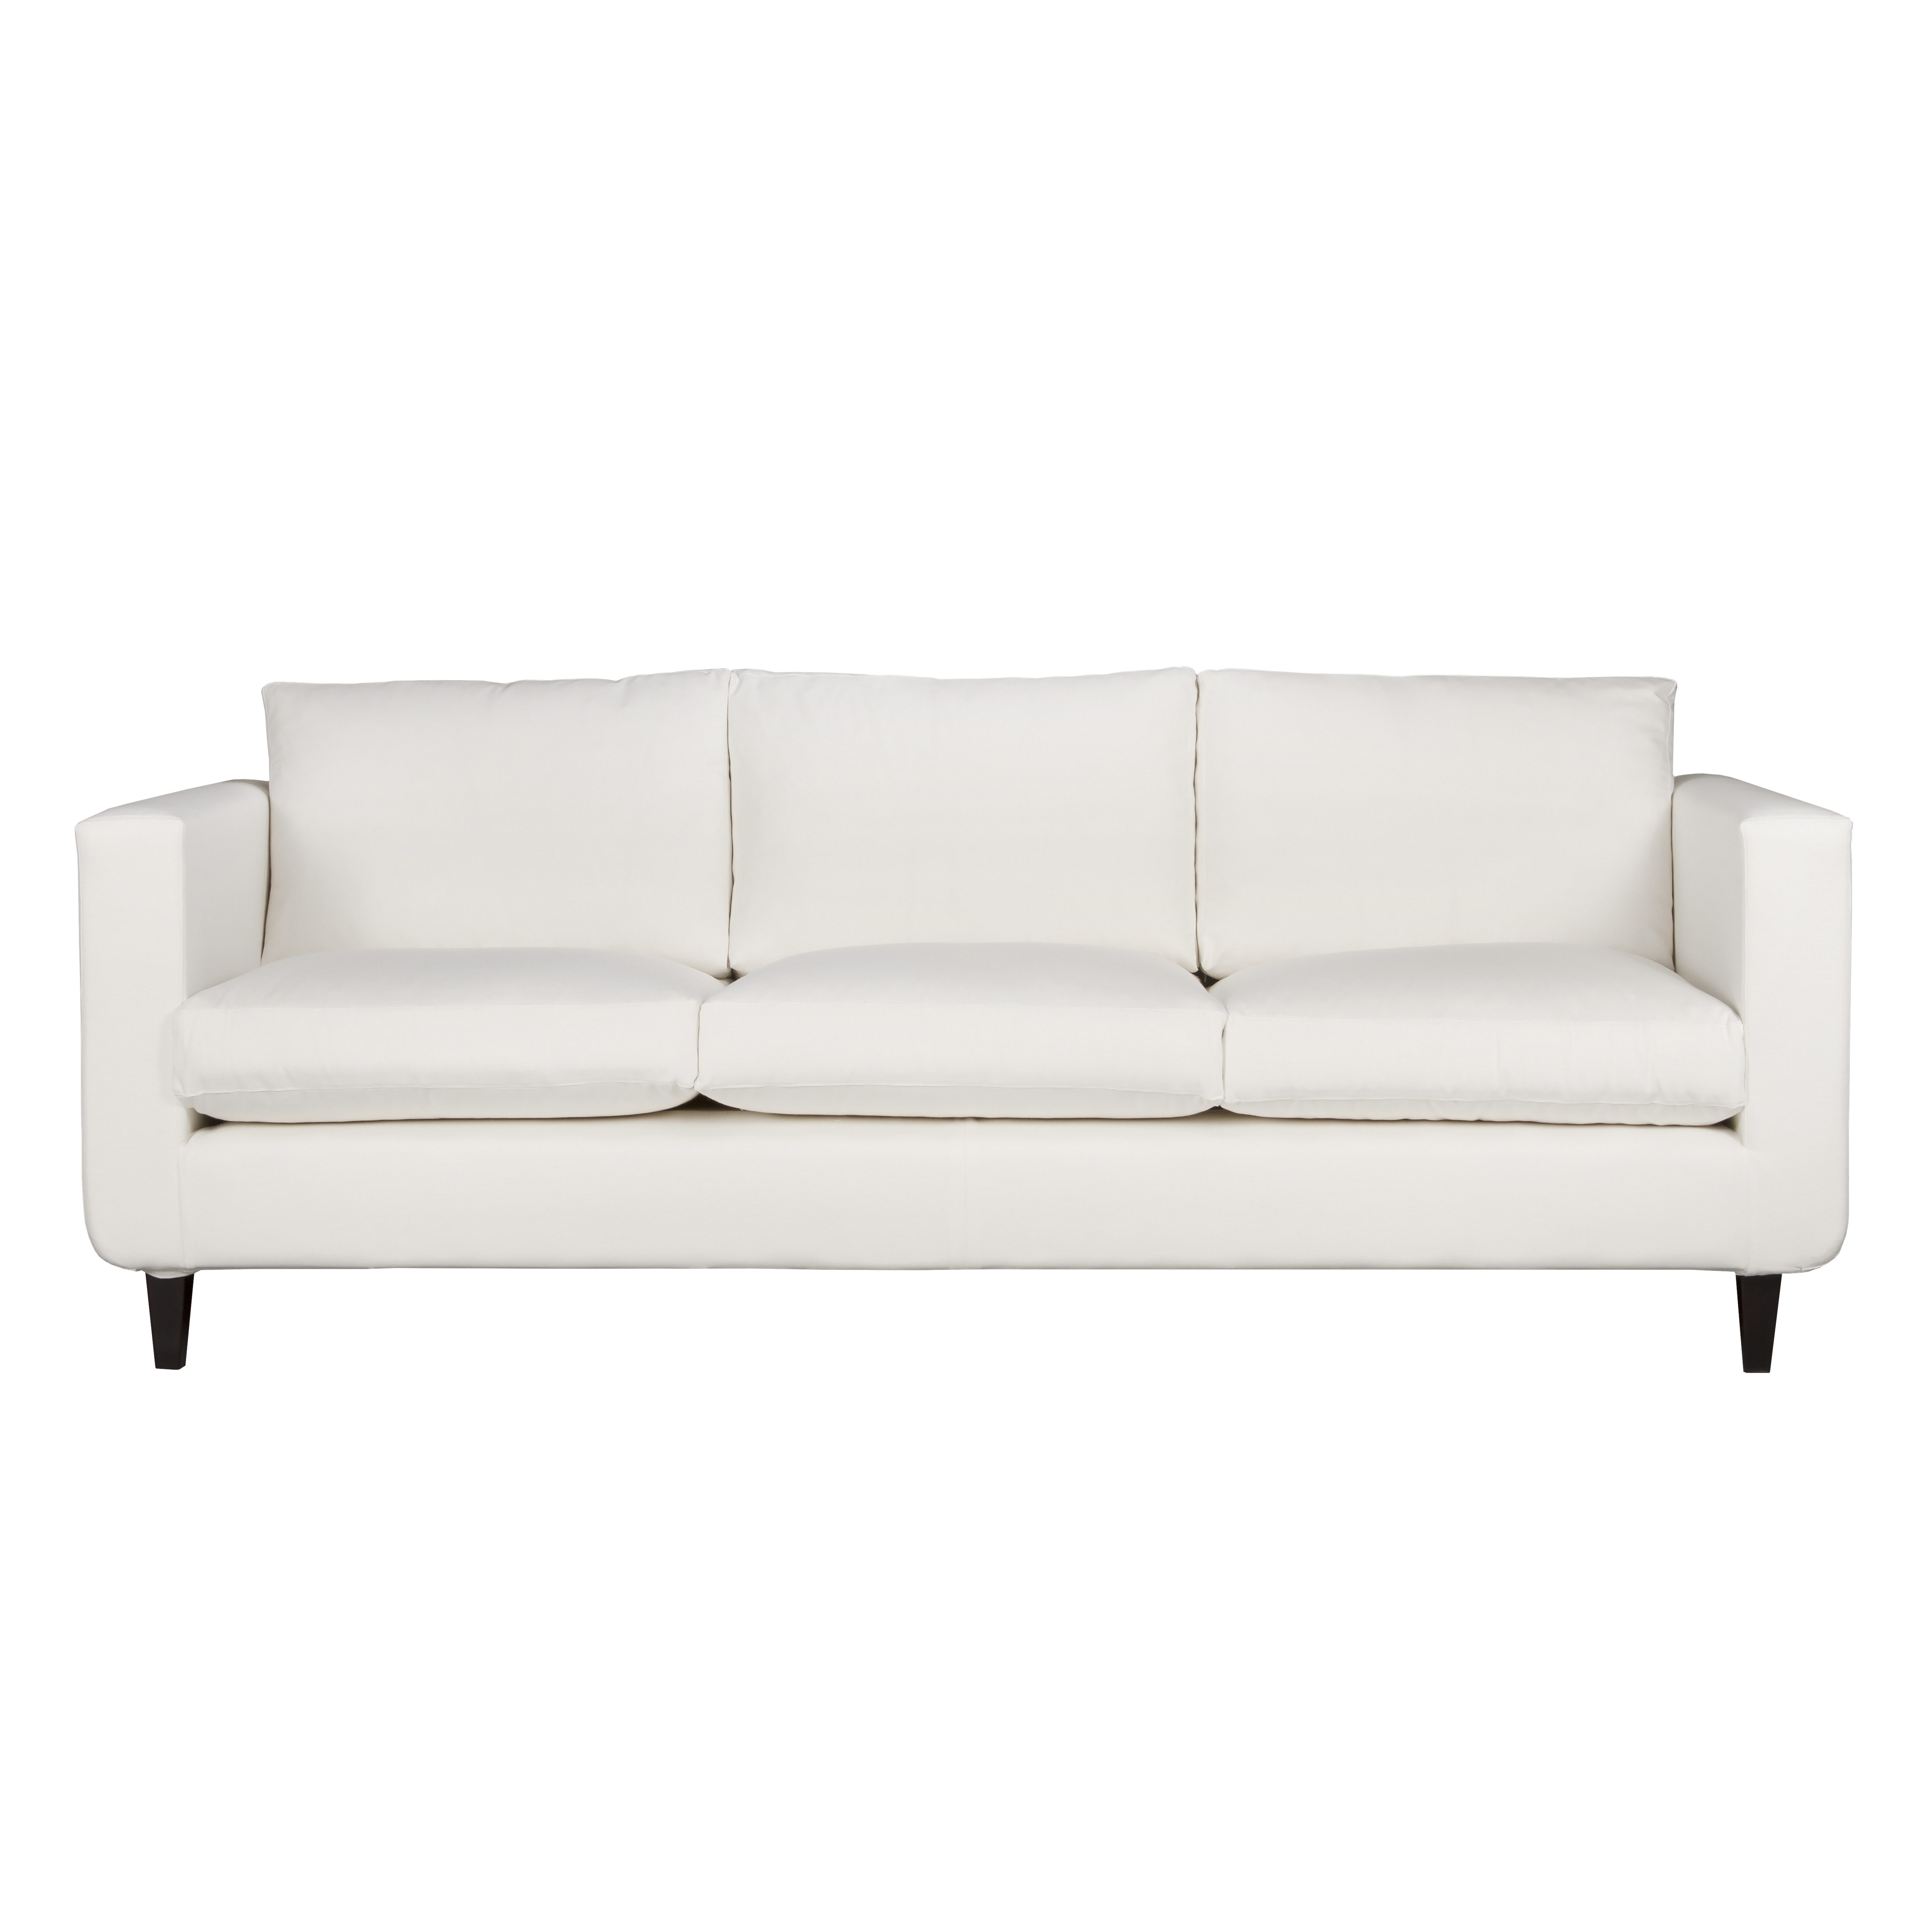 Strömstad soffa 3,5-sits framifrån - englesson.se